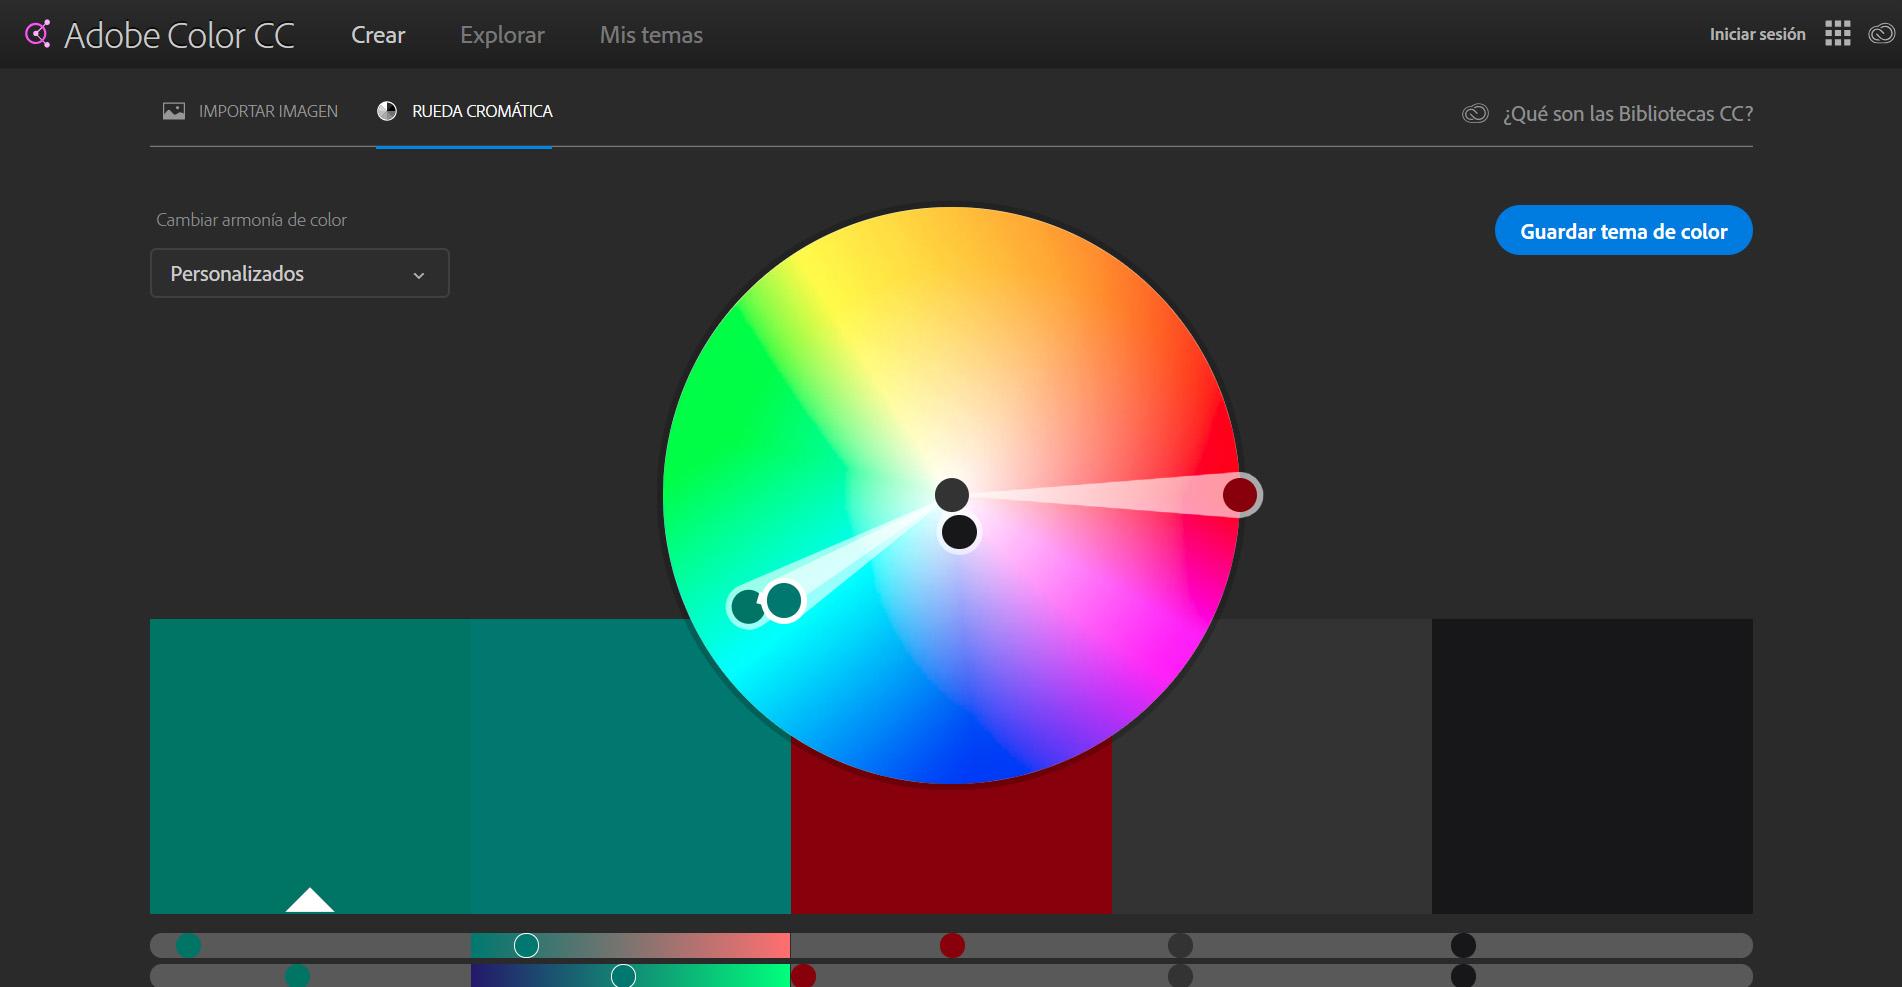 ¿Has probado alguna vez Adobe Color CC?